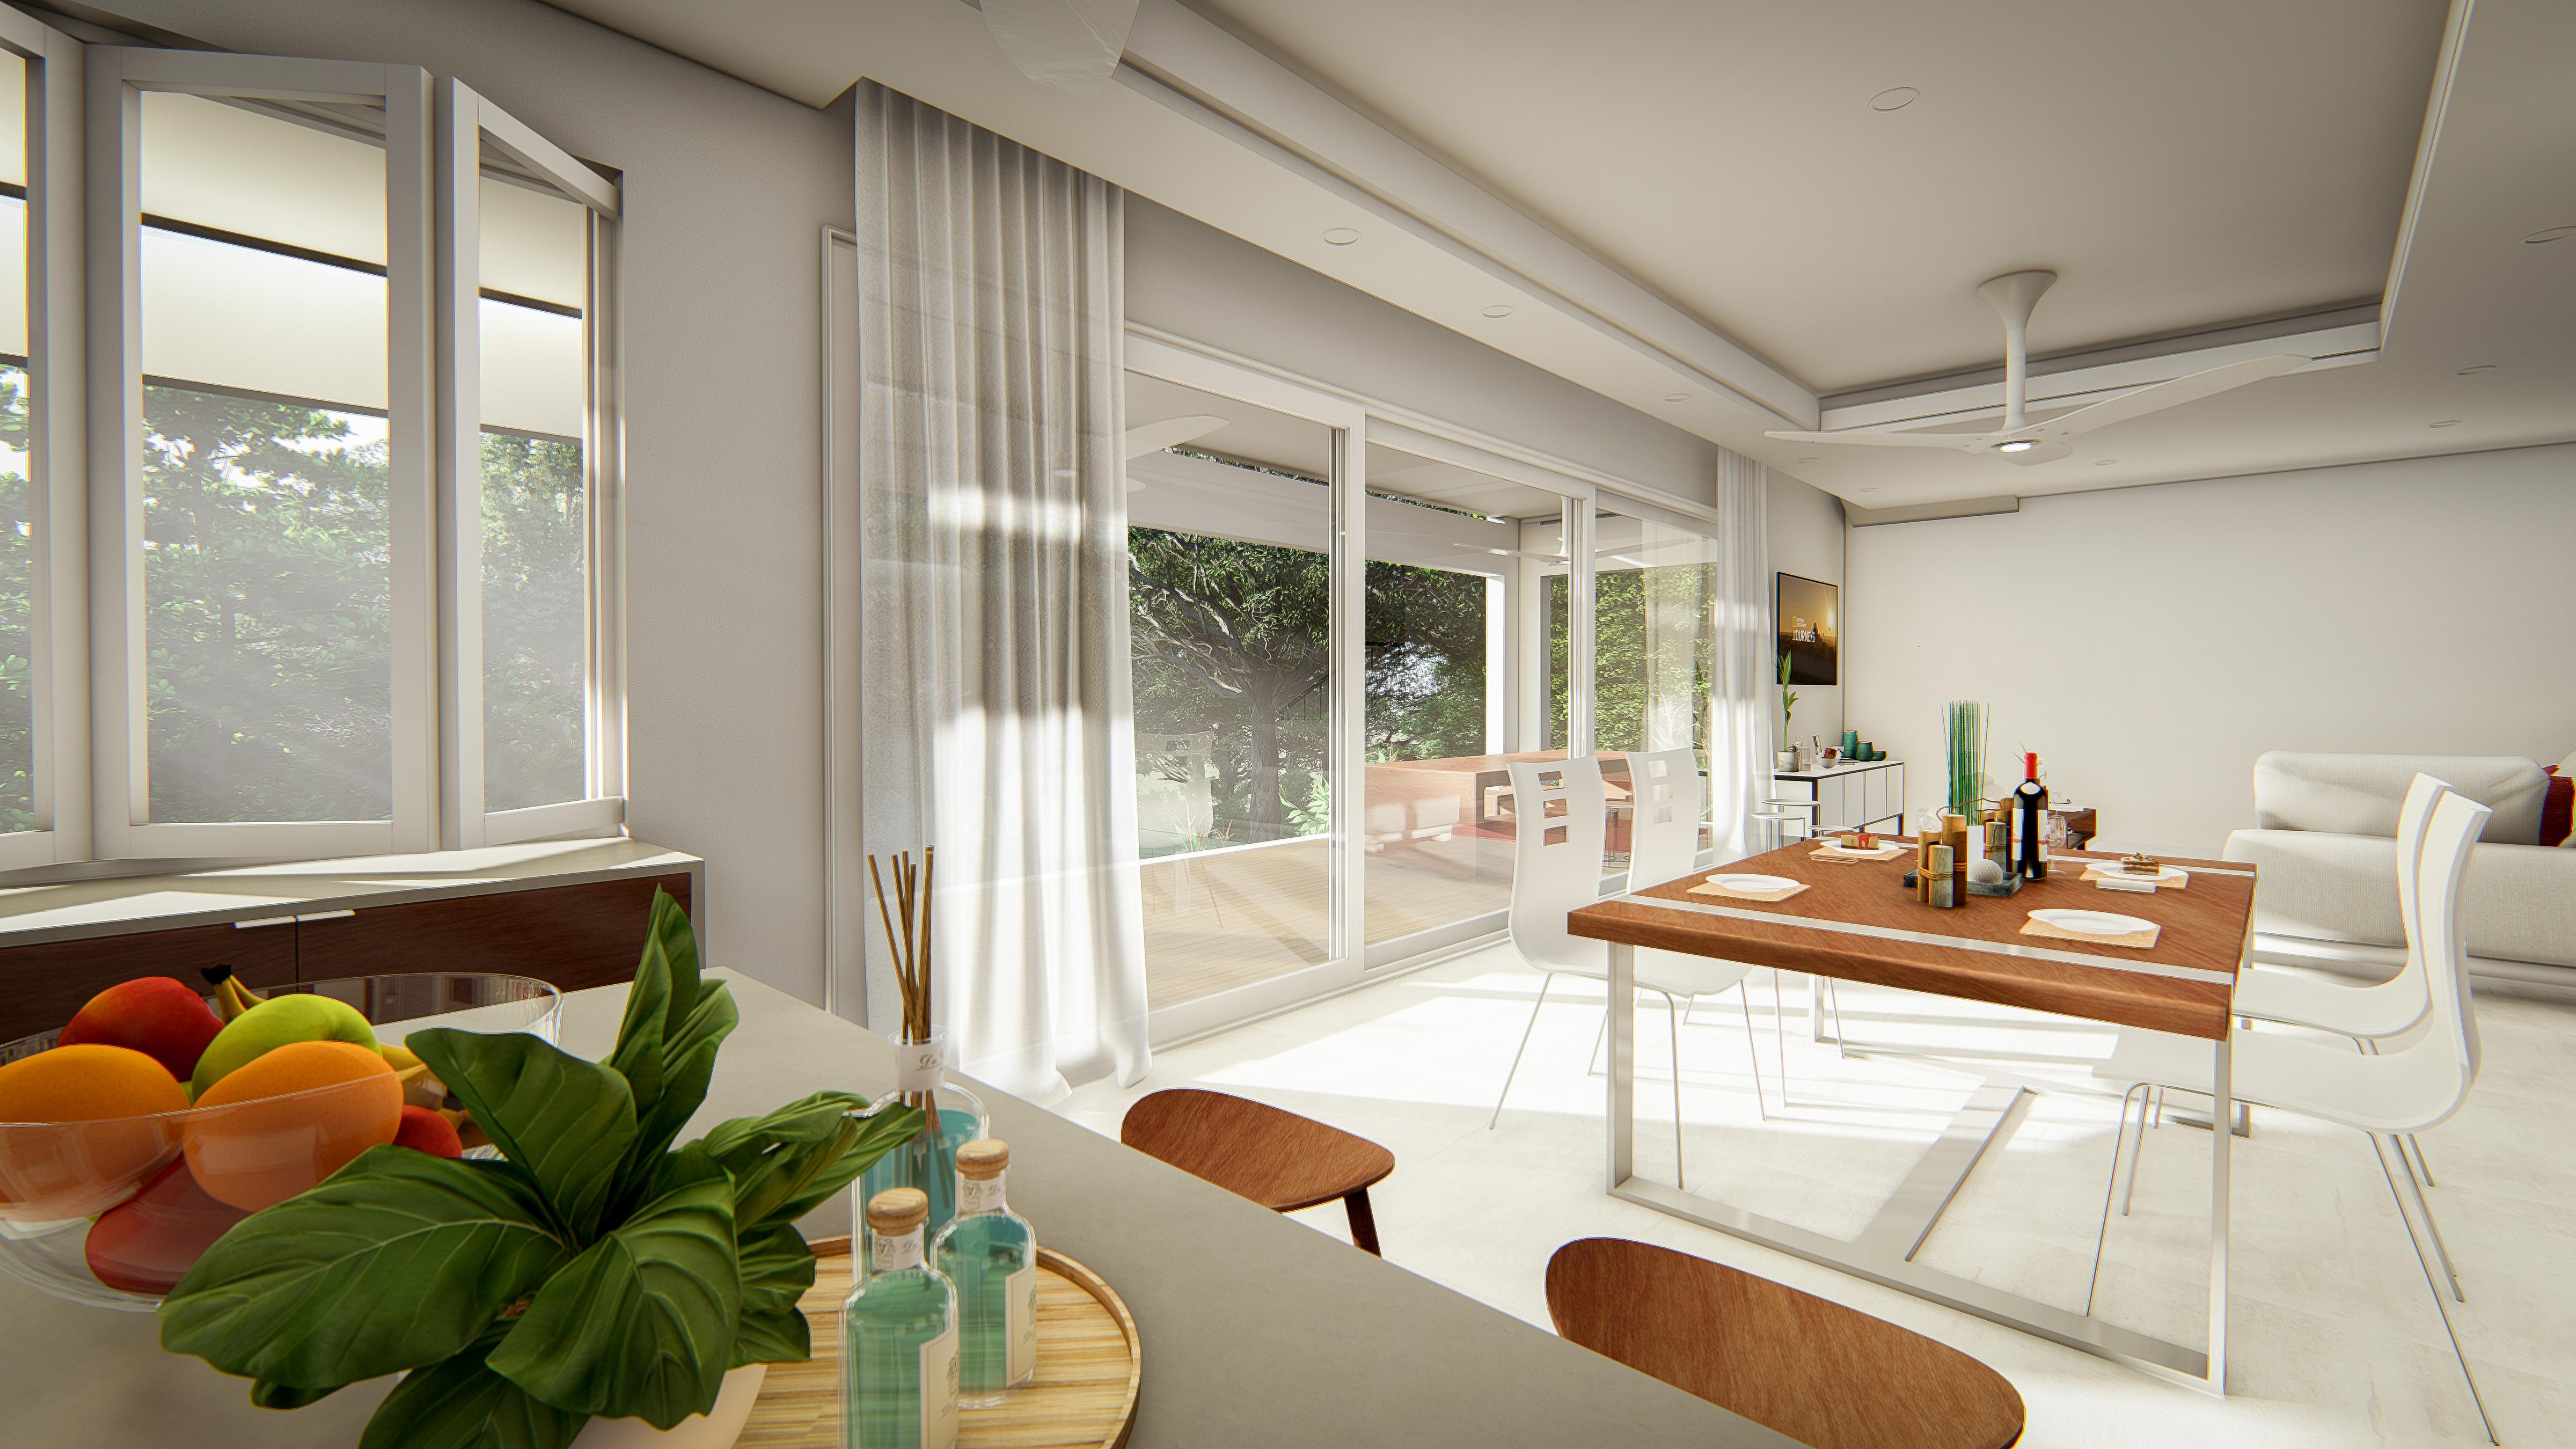 dulce pacifico residencial development uvita costa rica